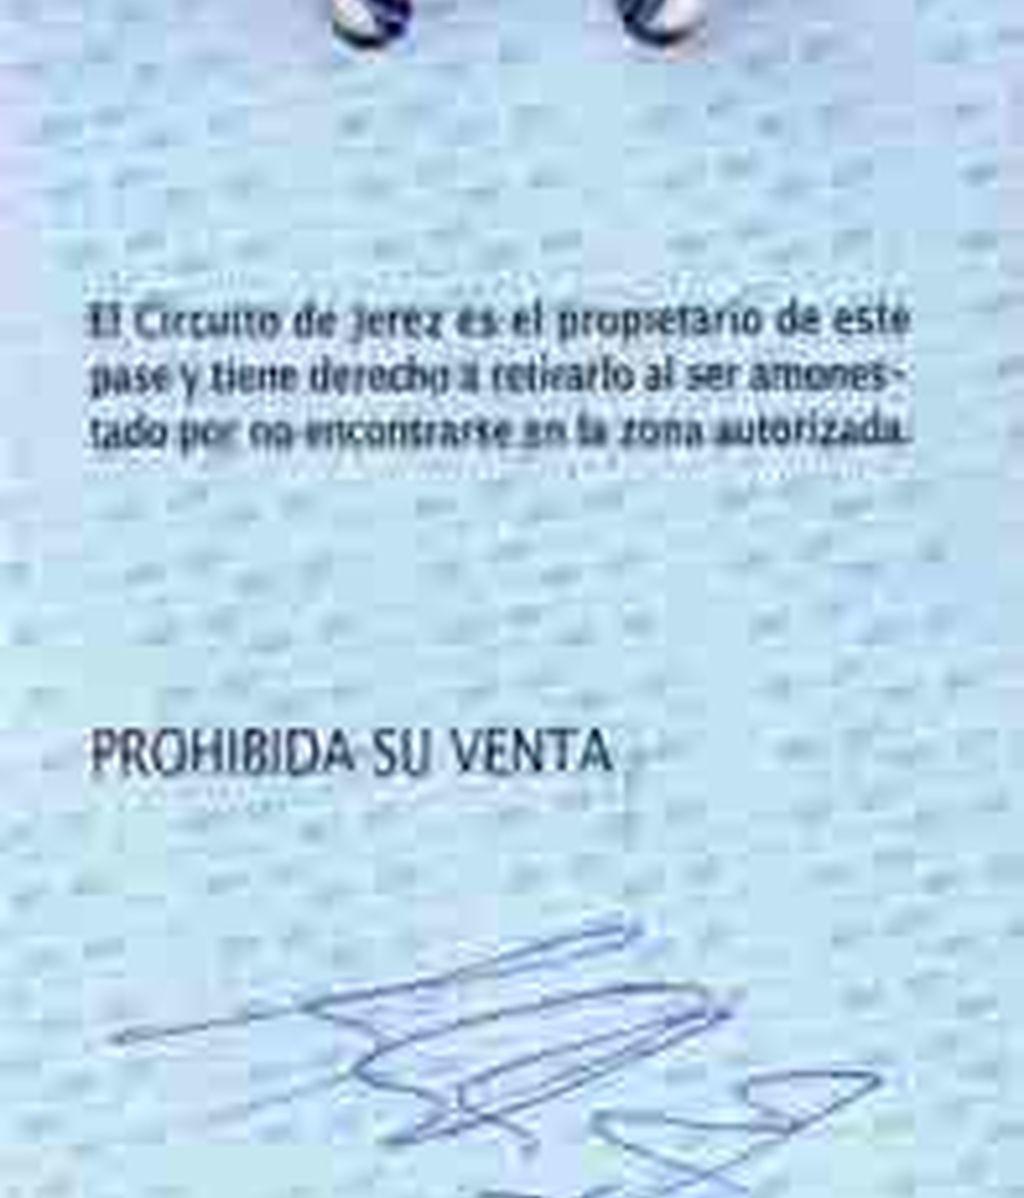 Pase Vip firmado por Schumacher